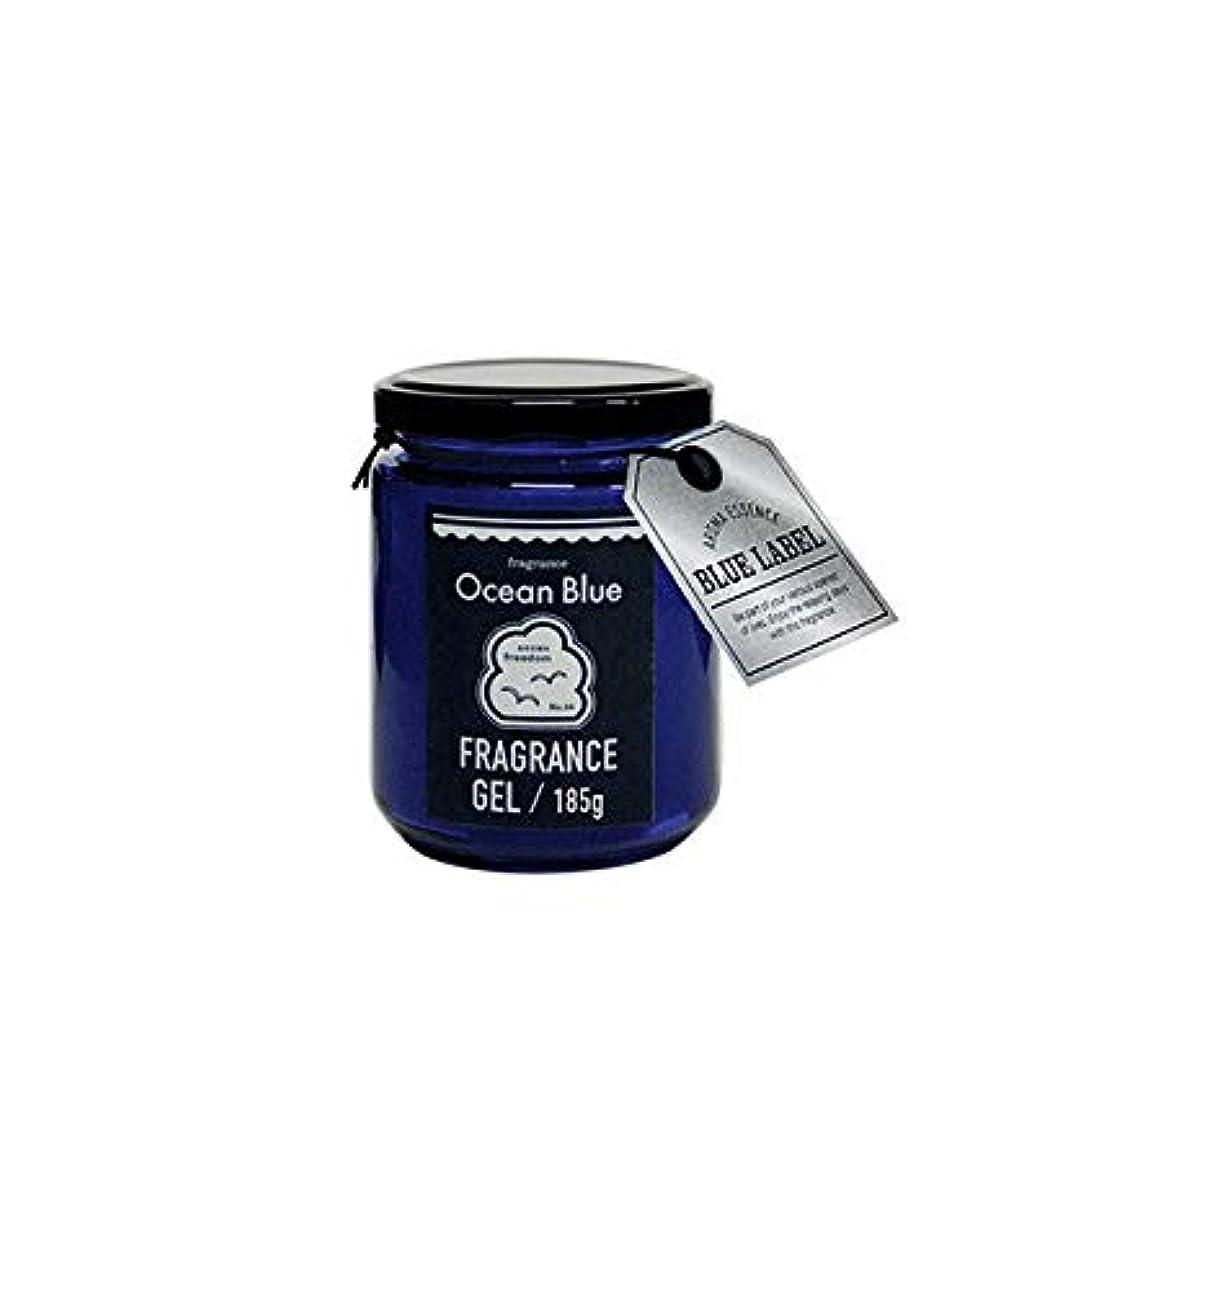 友だち可愛いメロディーブルーラベル ブルー フレグランスジェル185g オーシャンブルー(ルームフレグランス 約1-2ヶ月 海の爽快な香り)